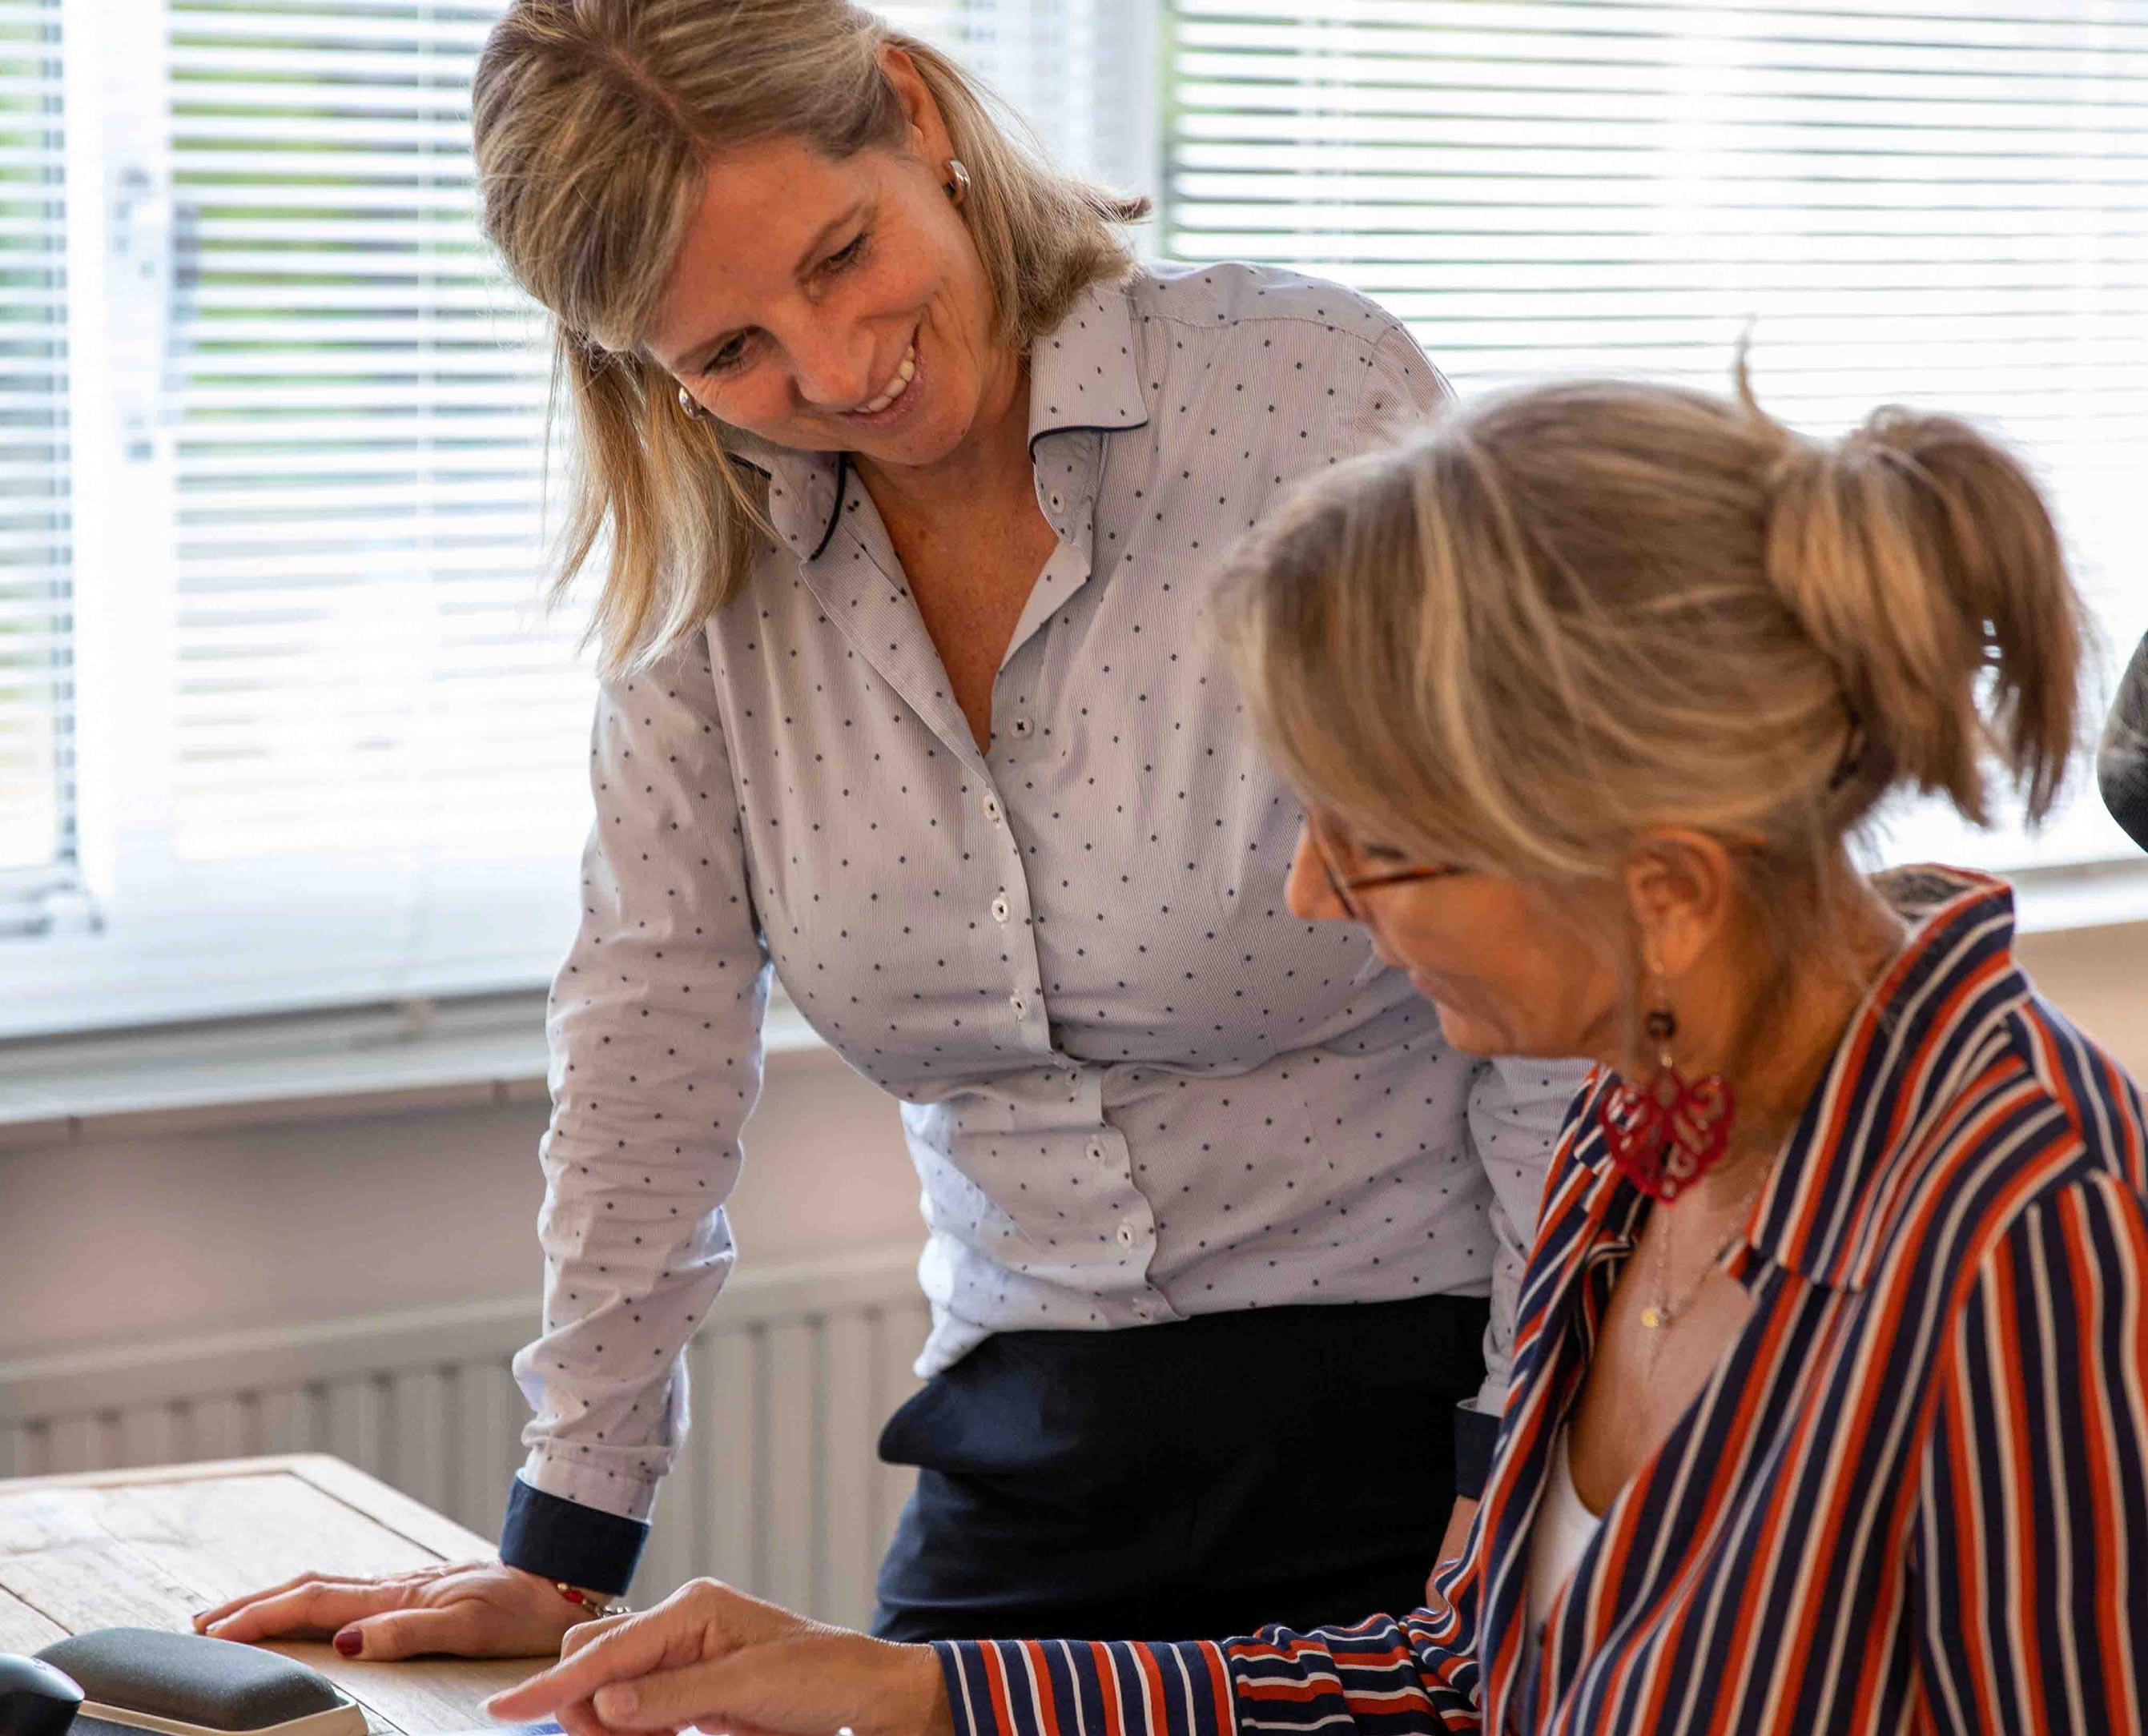 enkele-diensten-don-robert-administratie-financiele-dienstverlening-2